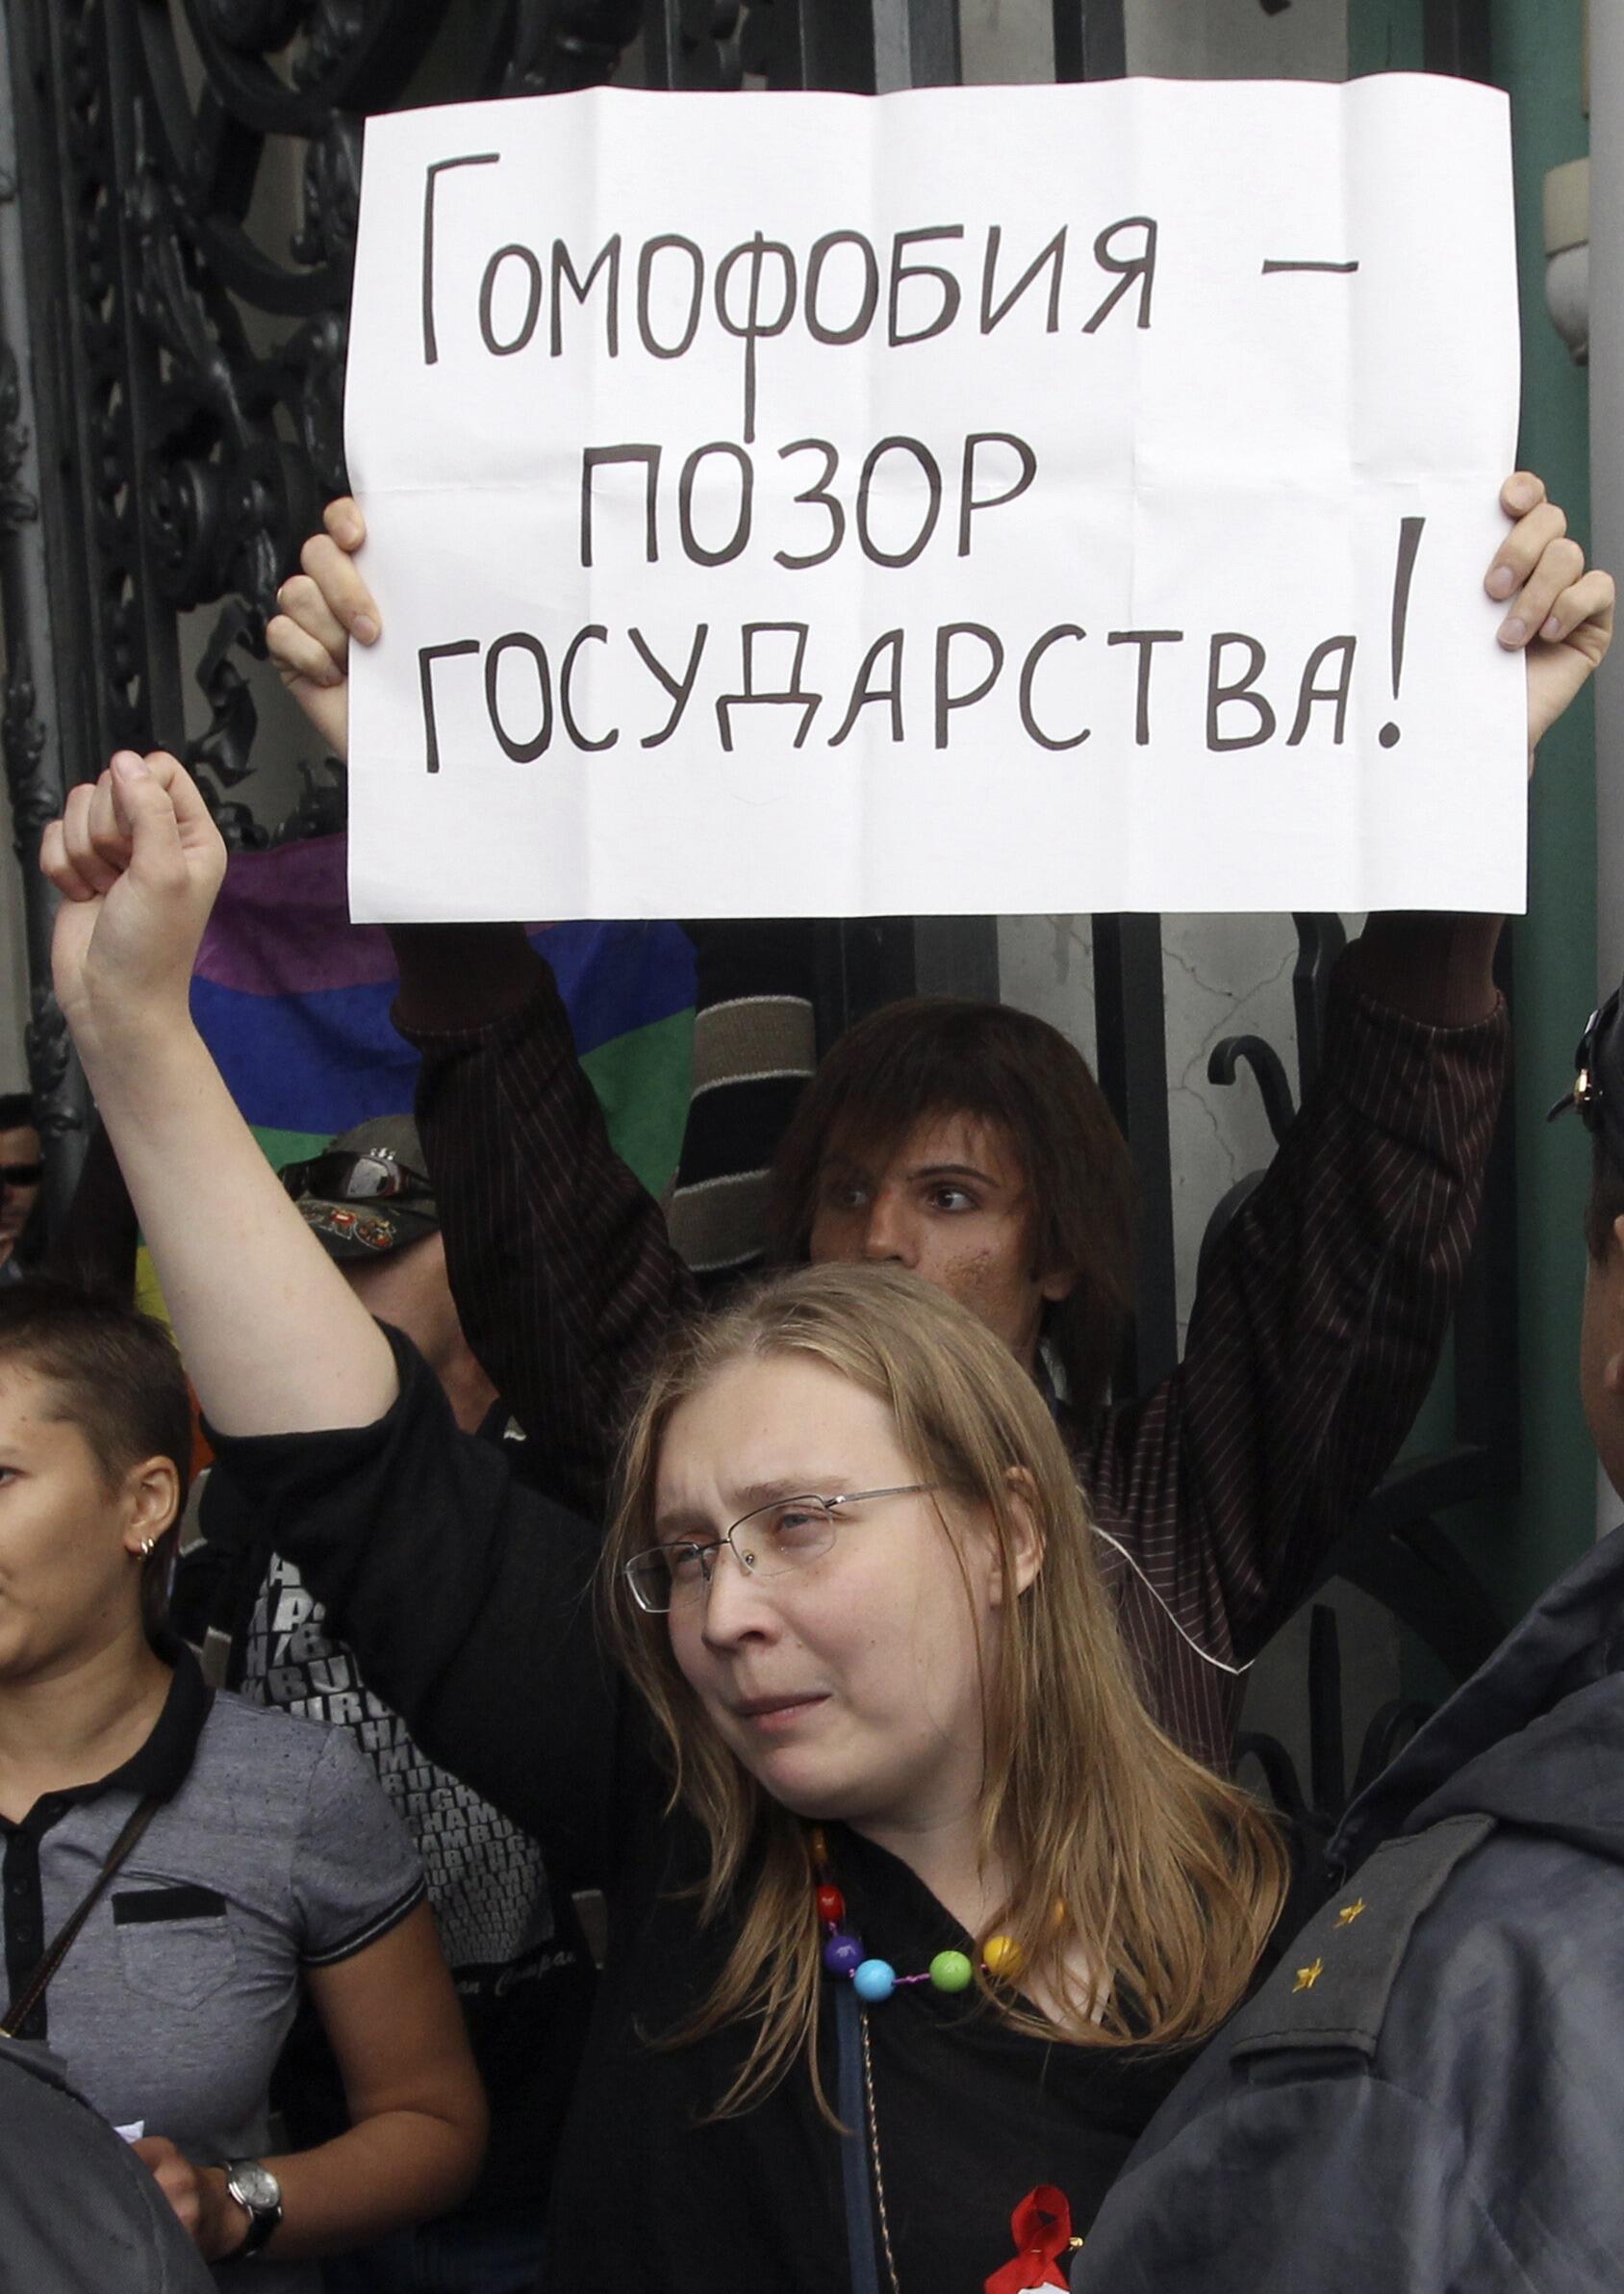 Активисты на акции в Санкт-Петербурге 26 июня 2010 года.